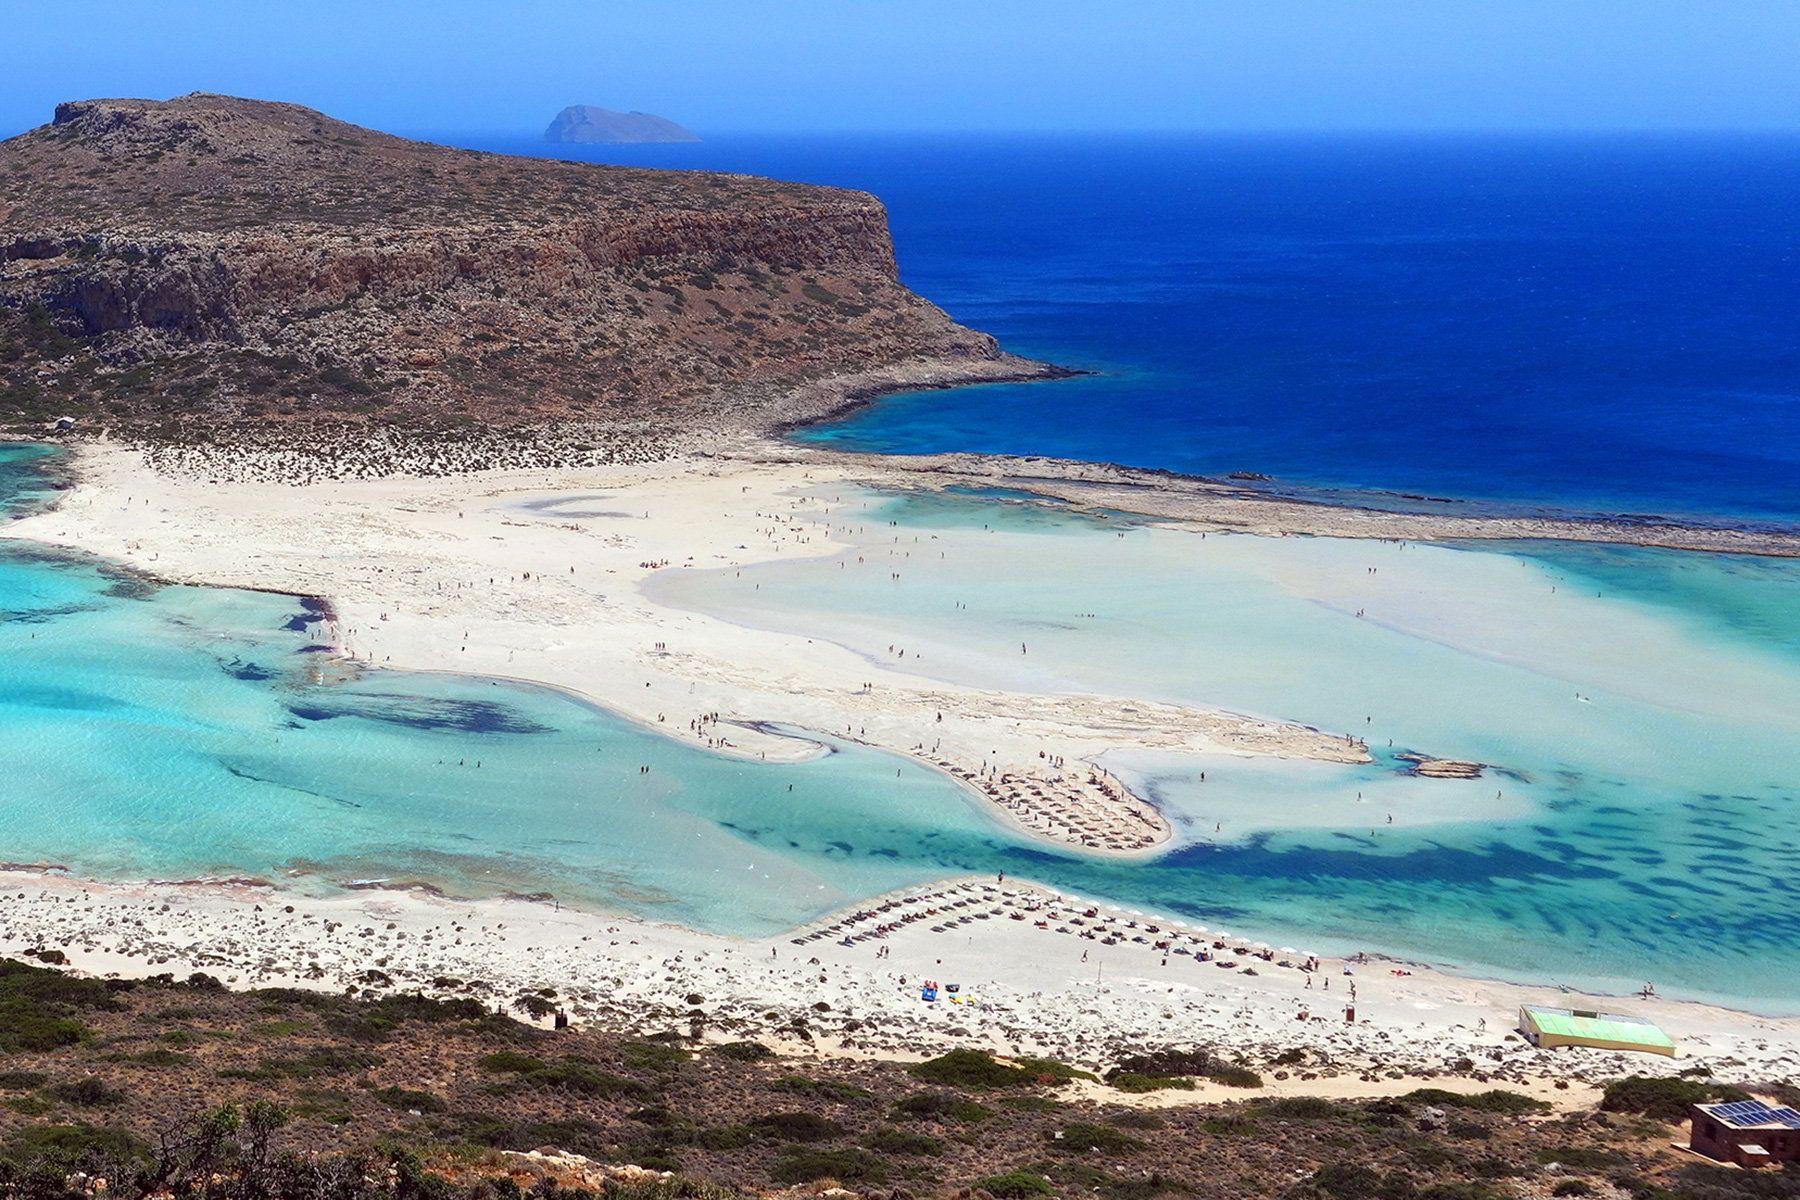 https://0501.nccdn.net/4_2/000/000/03f/ac7/balos-beach-in-crete-1800x1200.jpg